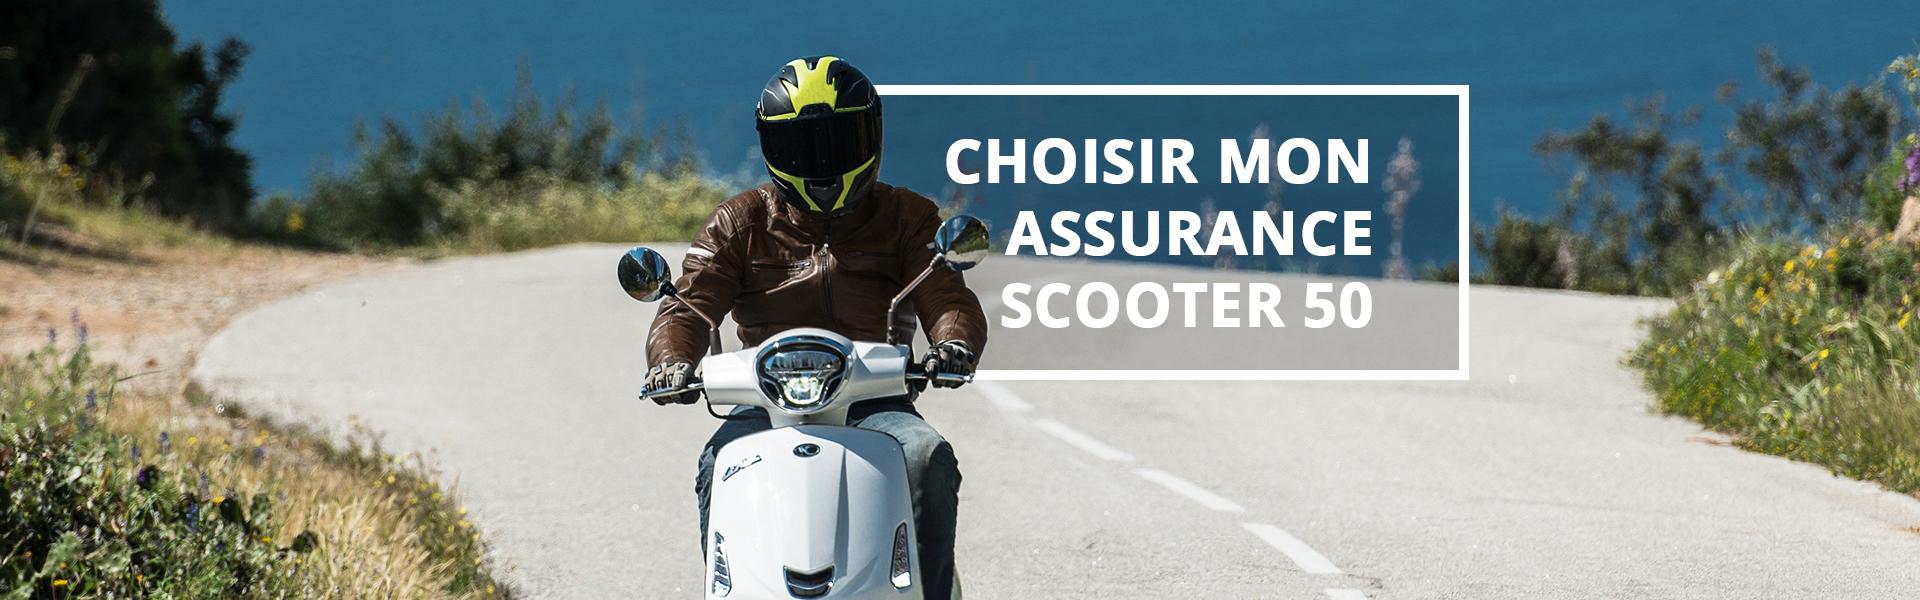 assurance-scooter-50